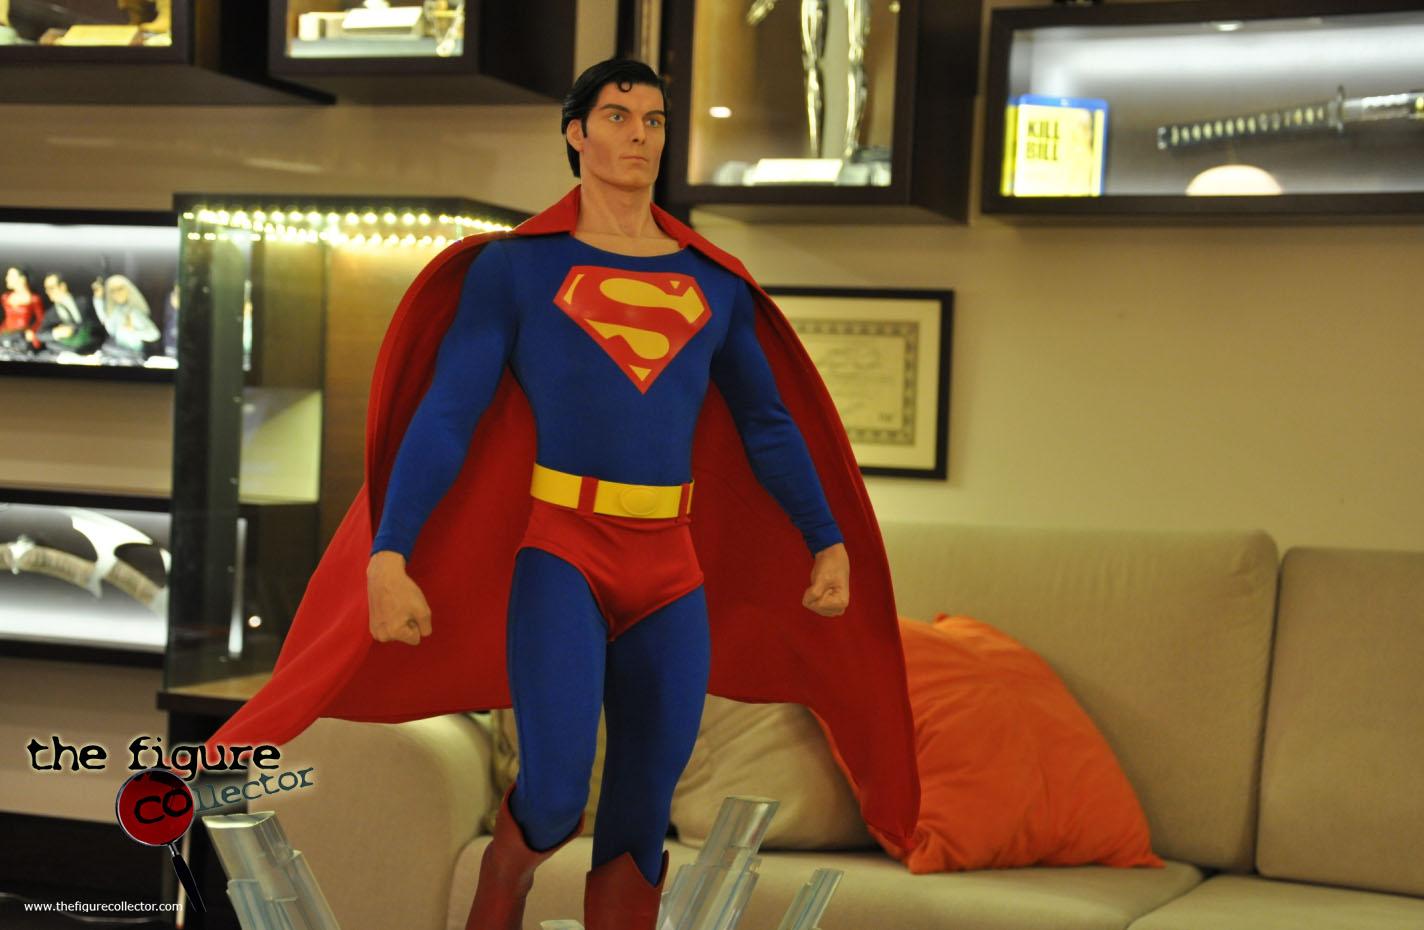 Colecao do Turco louis gara do forum Sideshow Collectors! Pobrinho!!! Superman-Cinemaquette-18